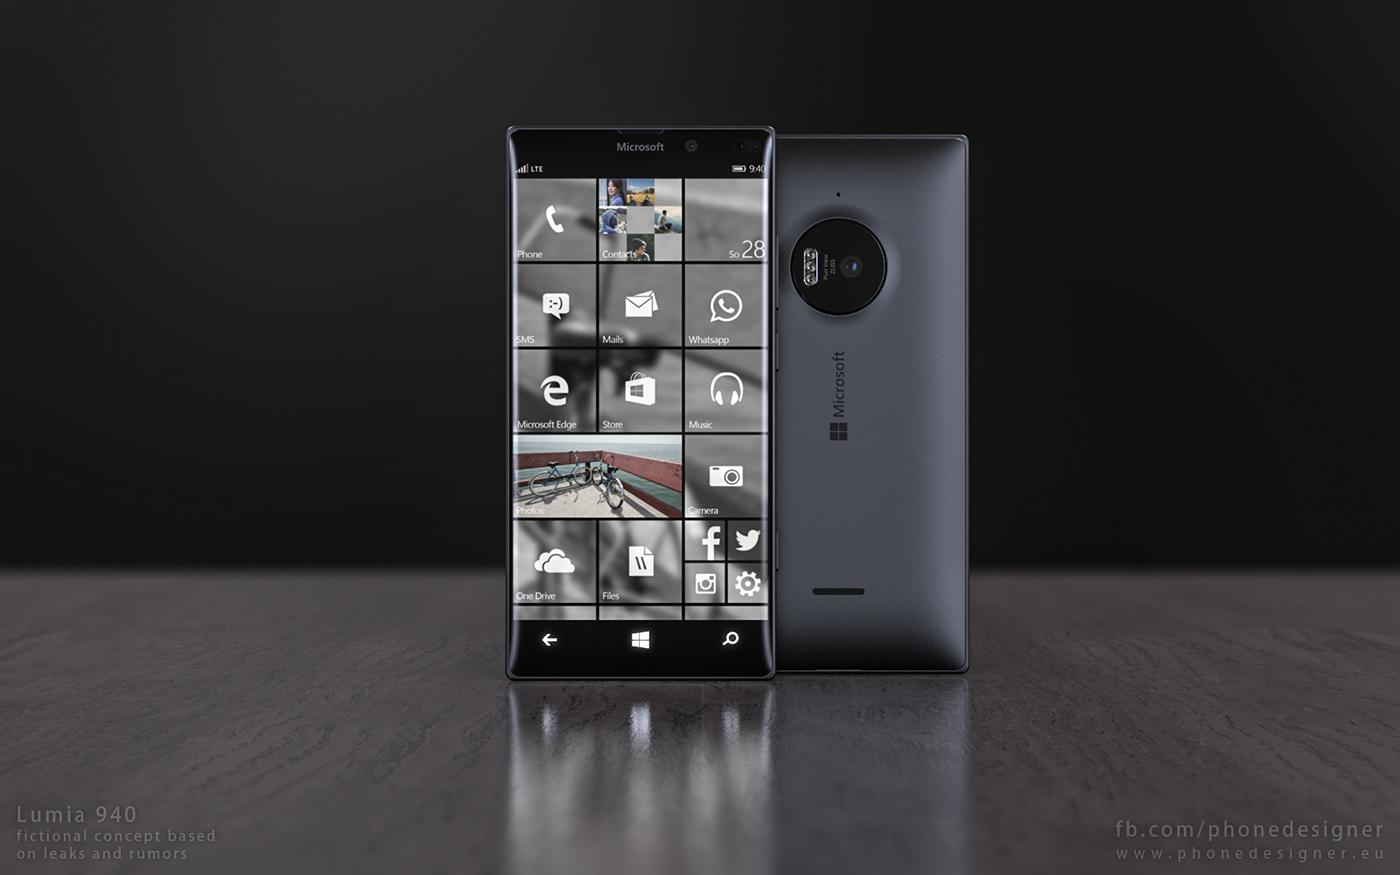 Koncept Lumii 940 sprawia, że mobilna wersja Windowsa 10 staje się niezwykle pożądaną